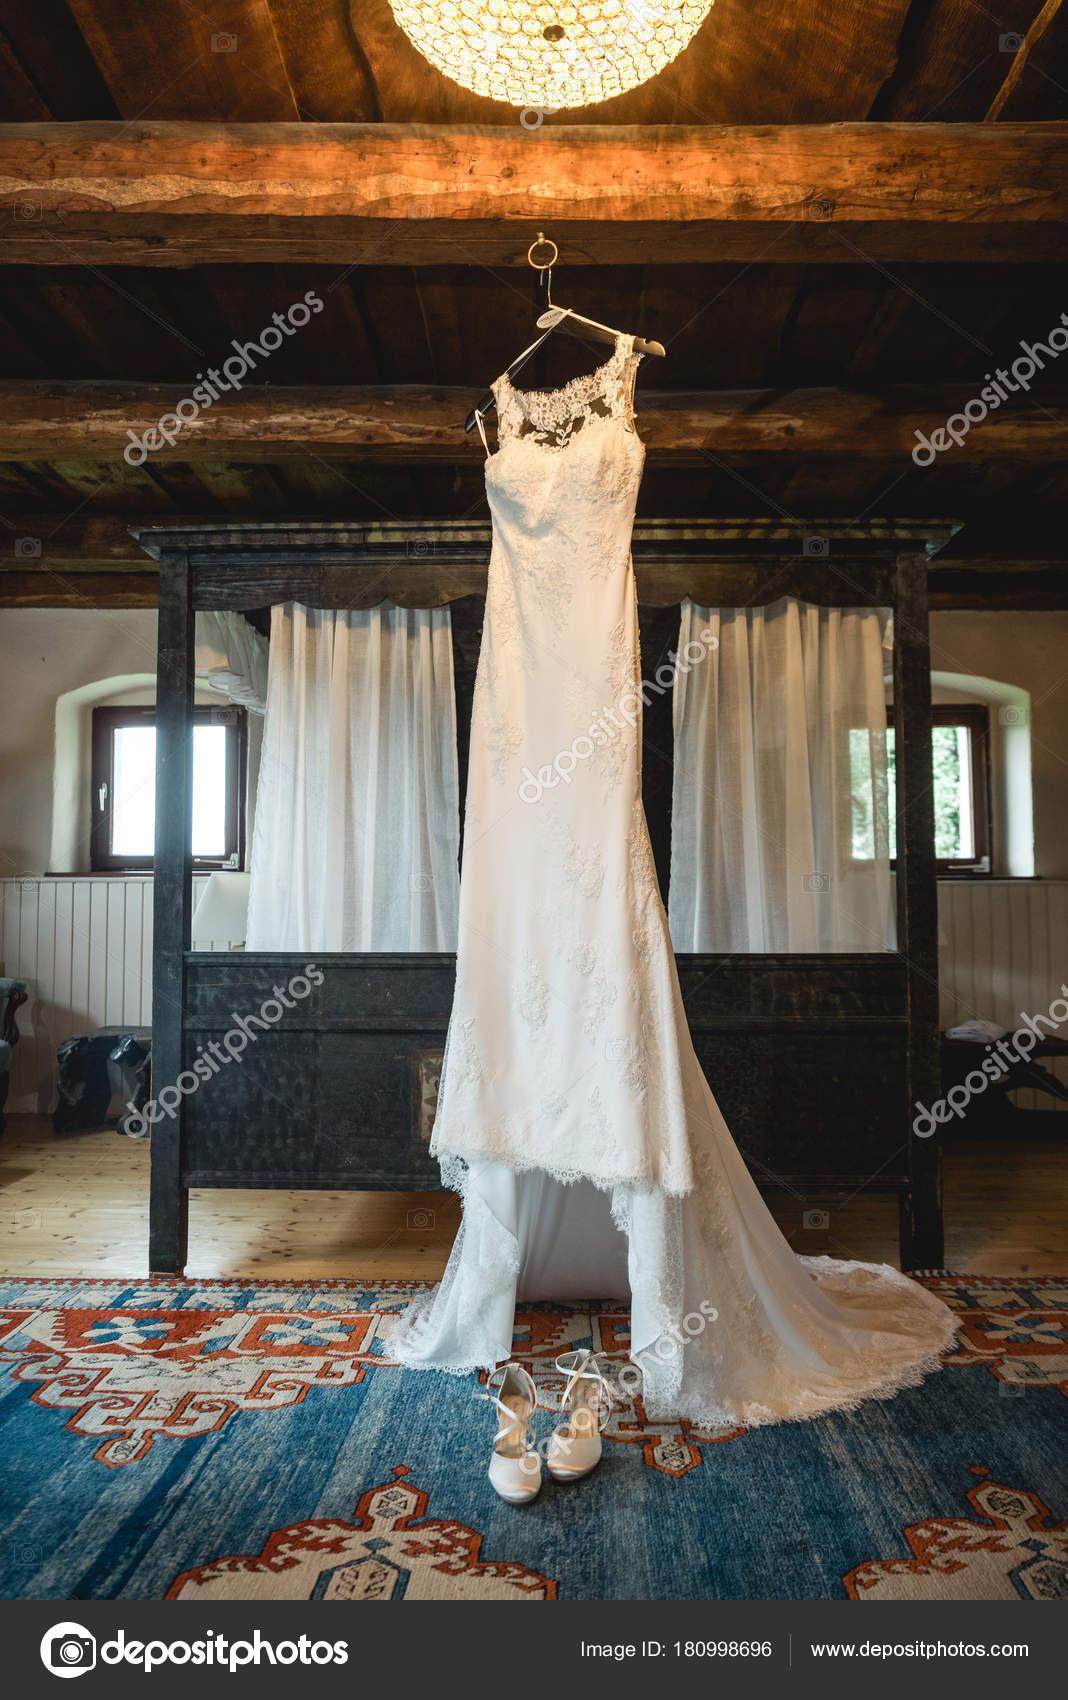 Brautkleid Einem Rustikalen Hotelzimmer Der Nähe Ein Bett Hängen ...